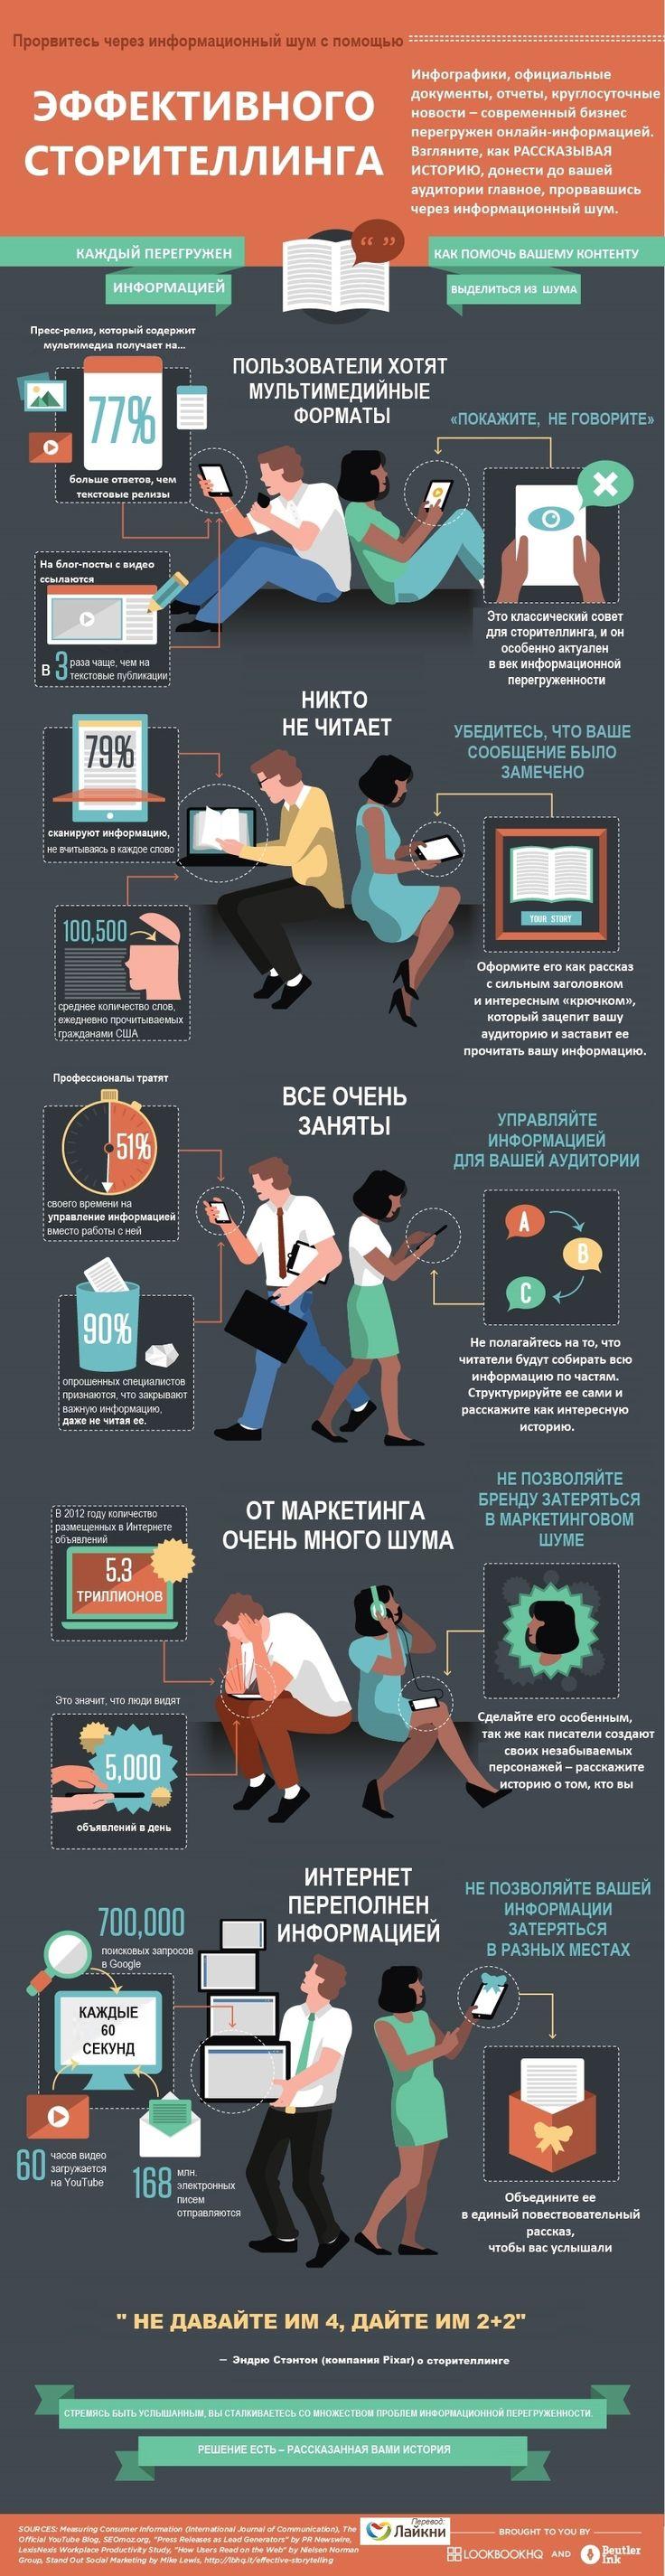 Инфографика: Сторителлинг, как способ прорваться через информационный шум